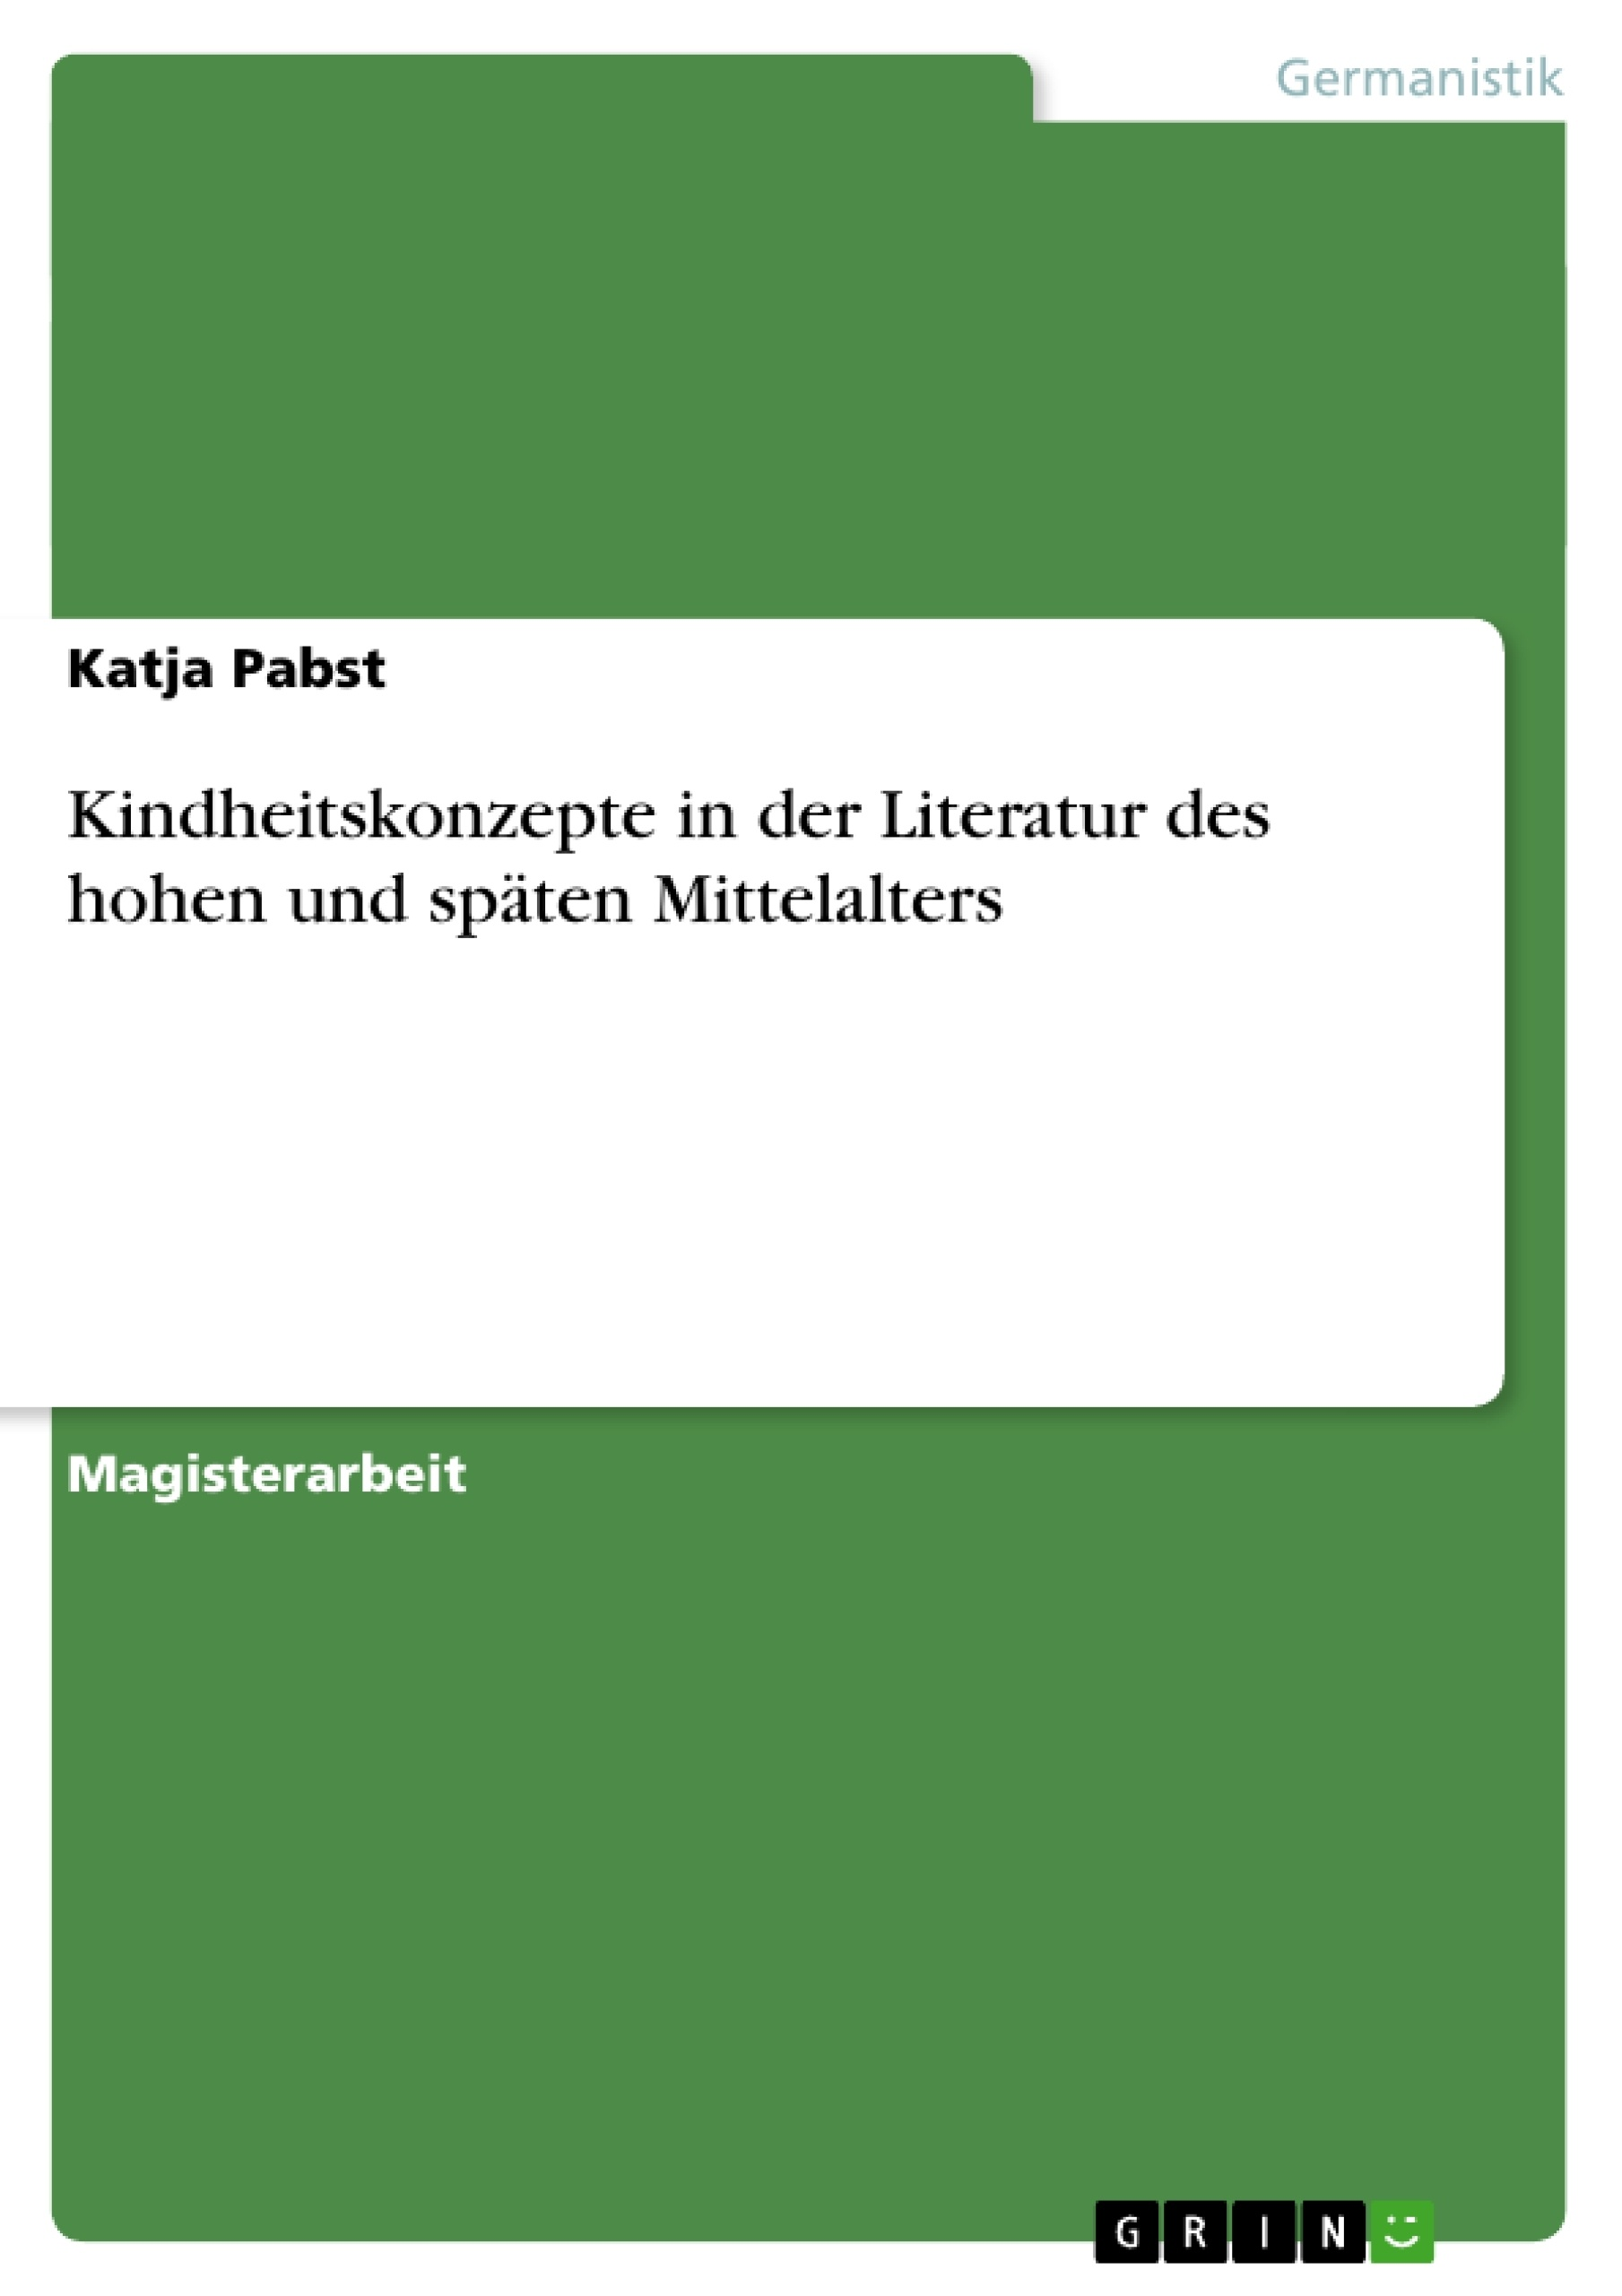 Titel: Kindheitskonzepte in der Literatur des hohen und späten Mittelalters